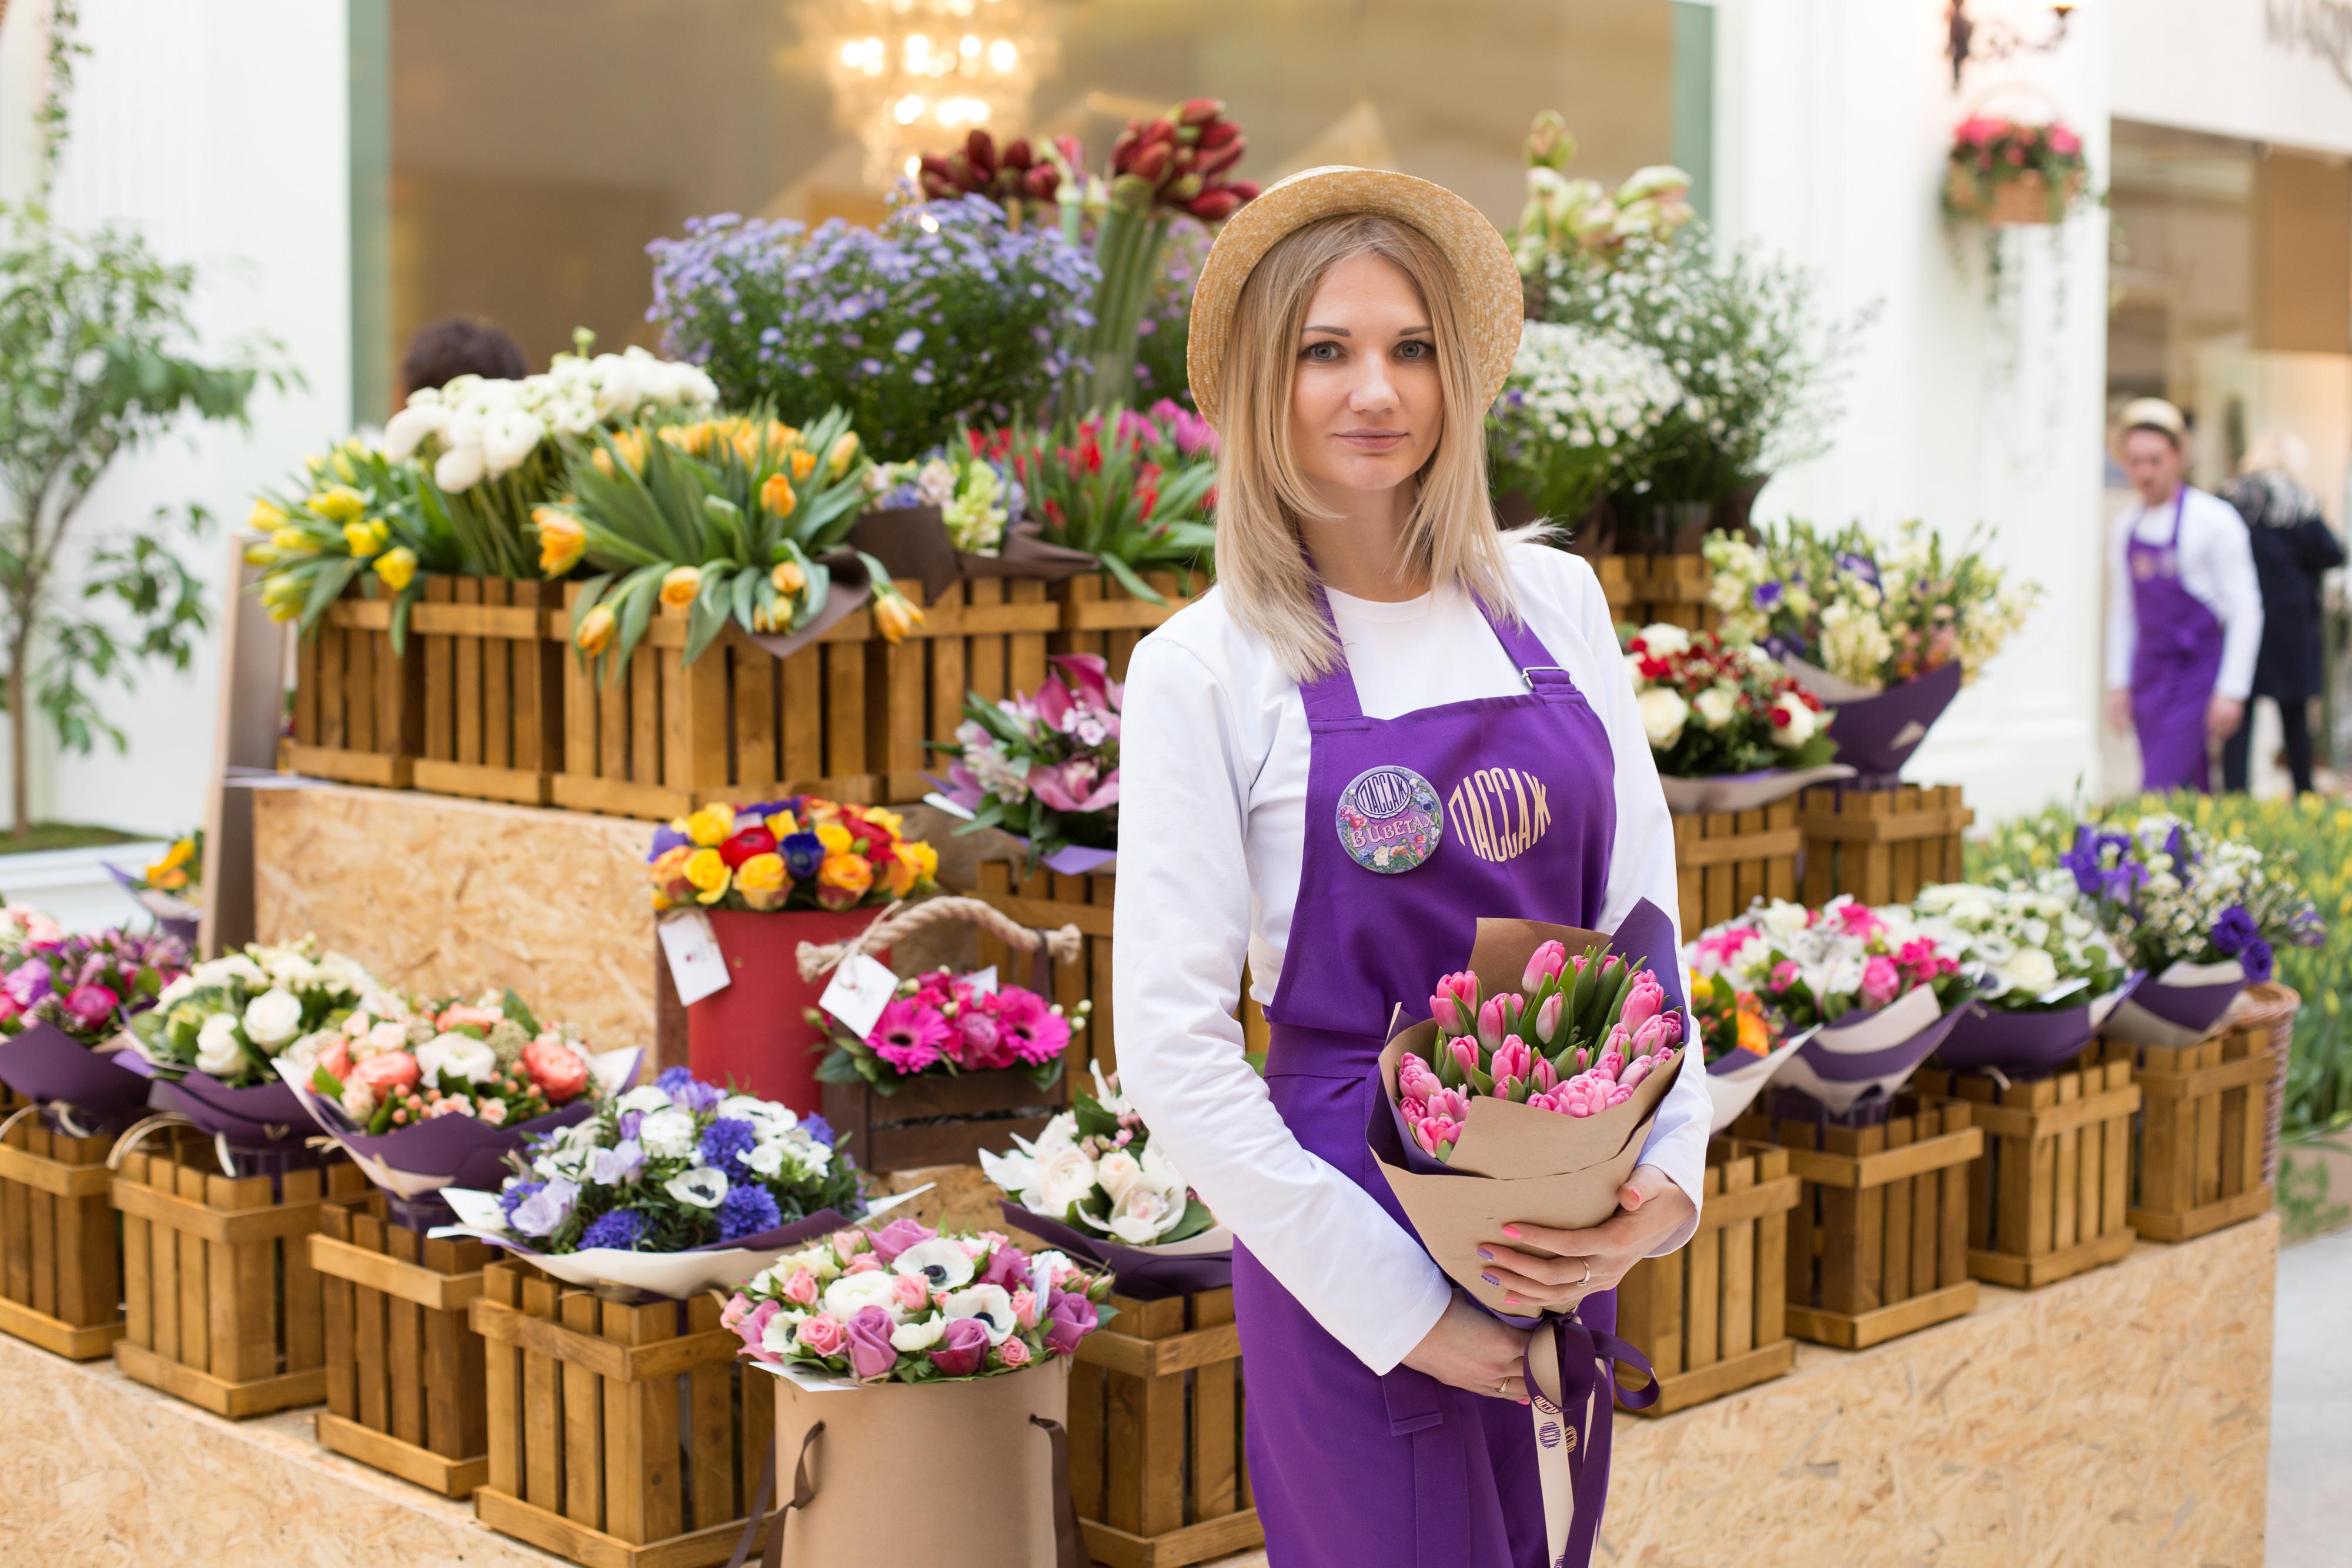 Цветы и букеты невский, продажа цветов